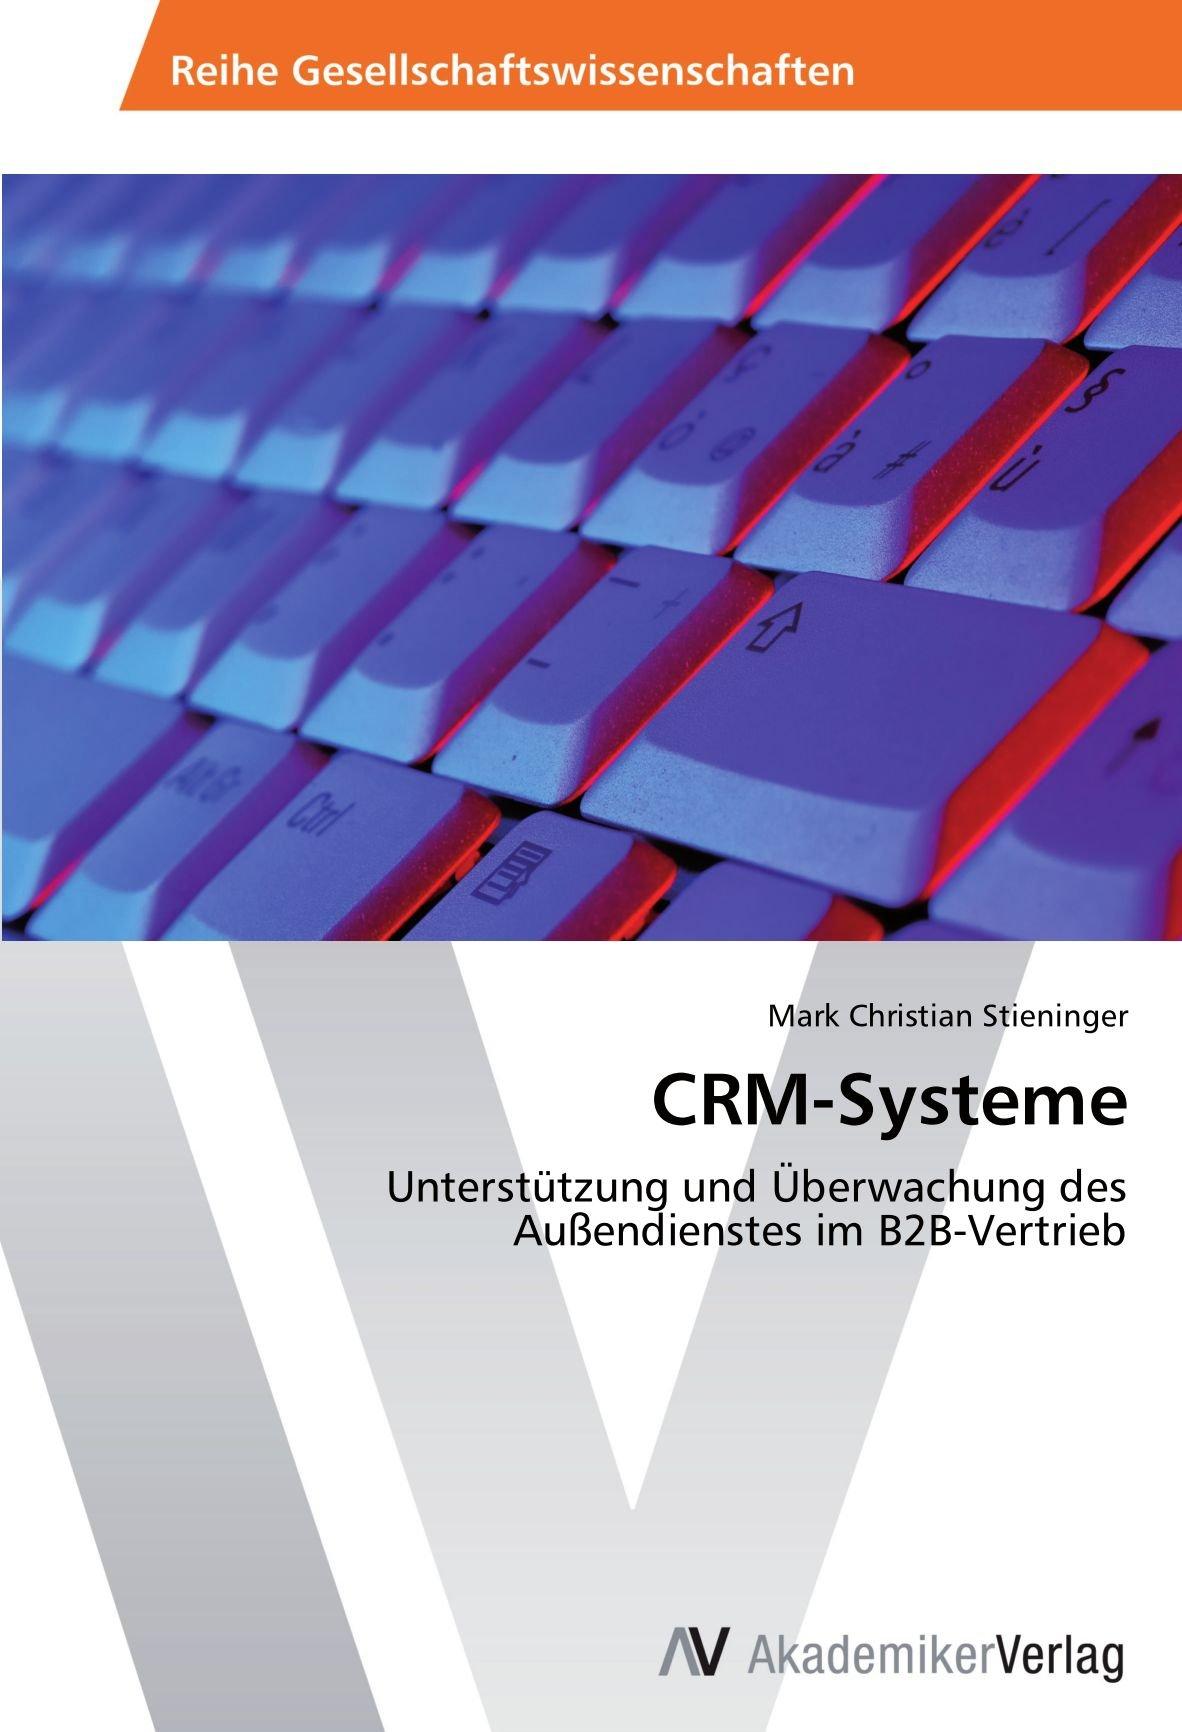 CRM-Systeme: Unterstützung und Überwachung des Außendienstes im B2B-Vertrieb (German Edition) ebook